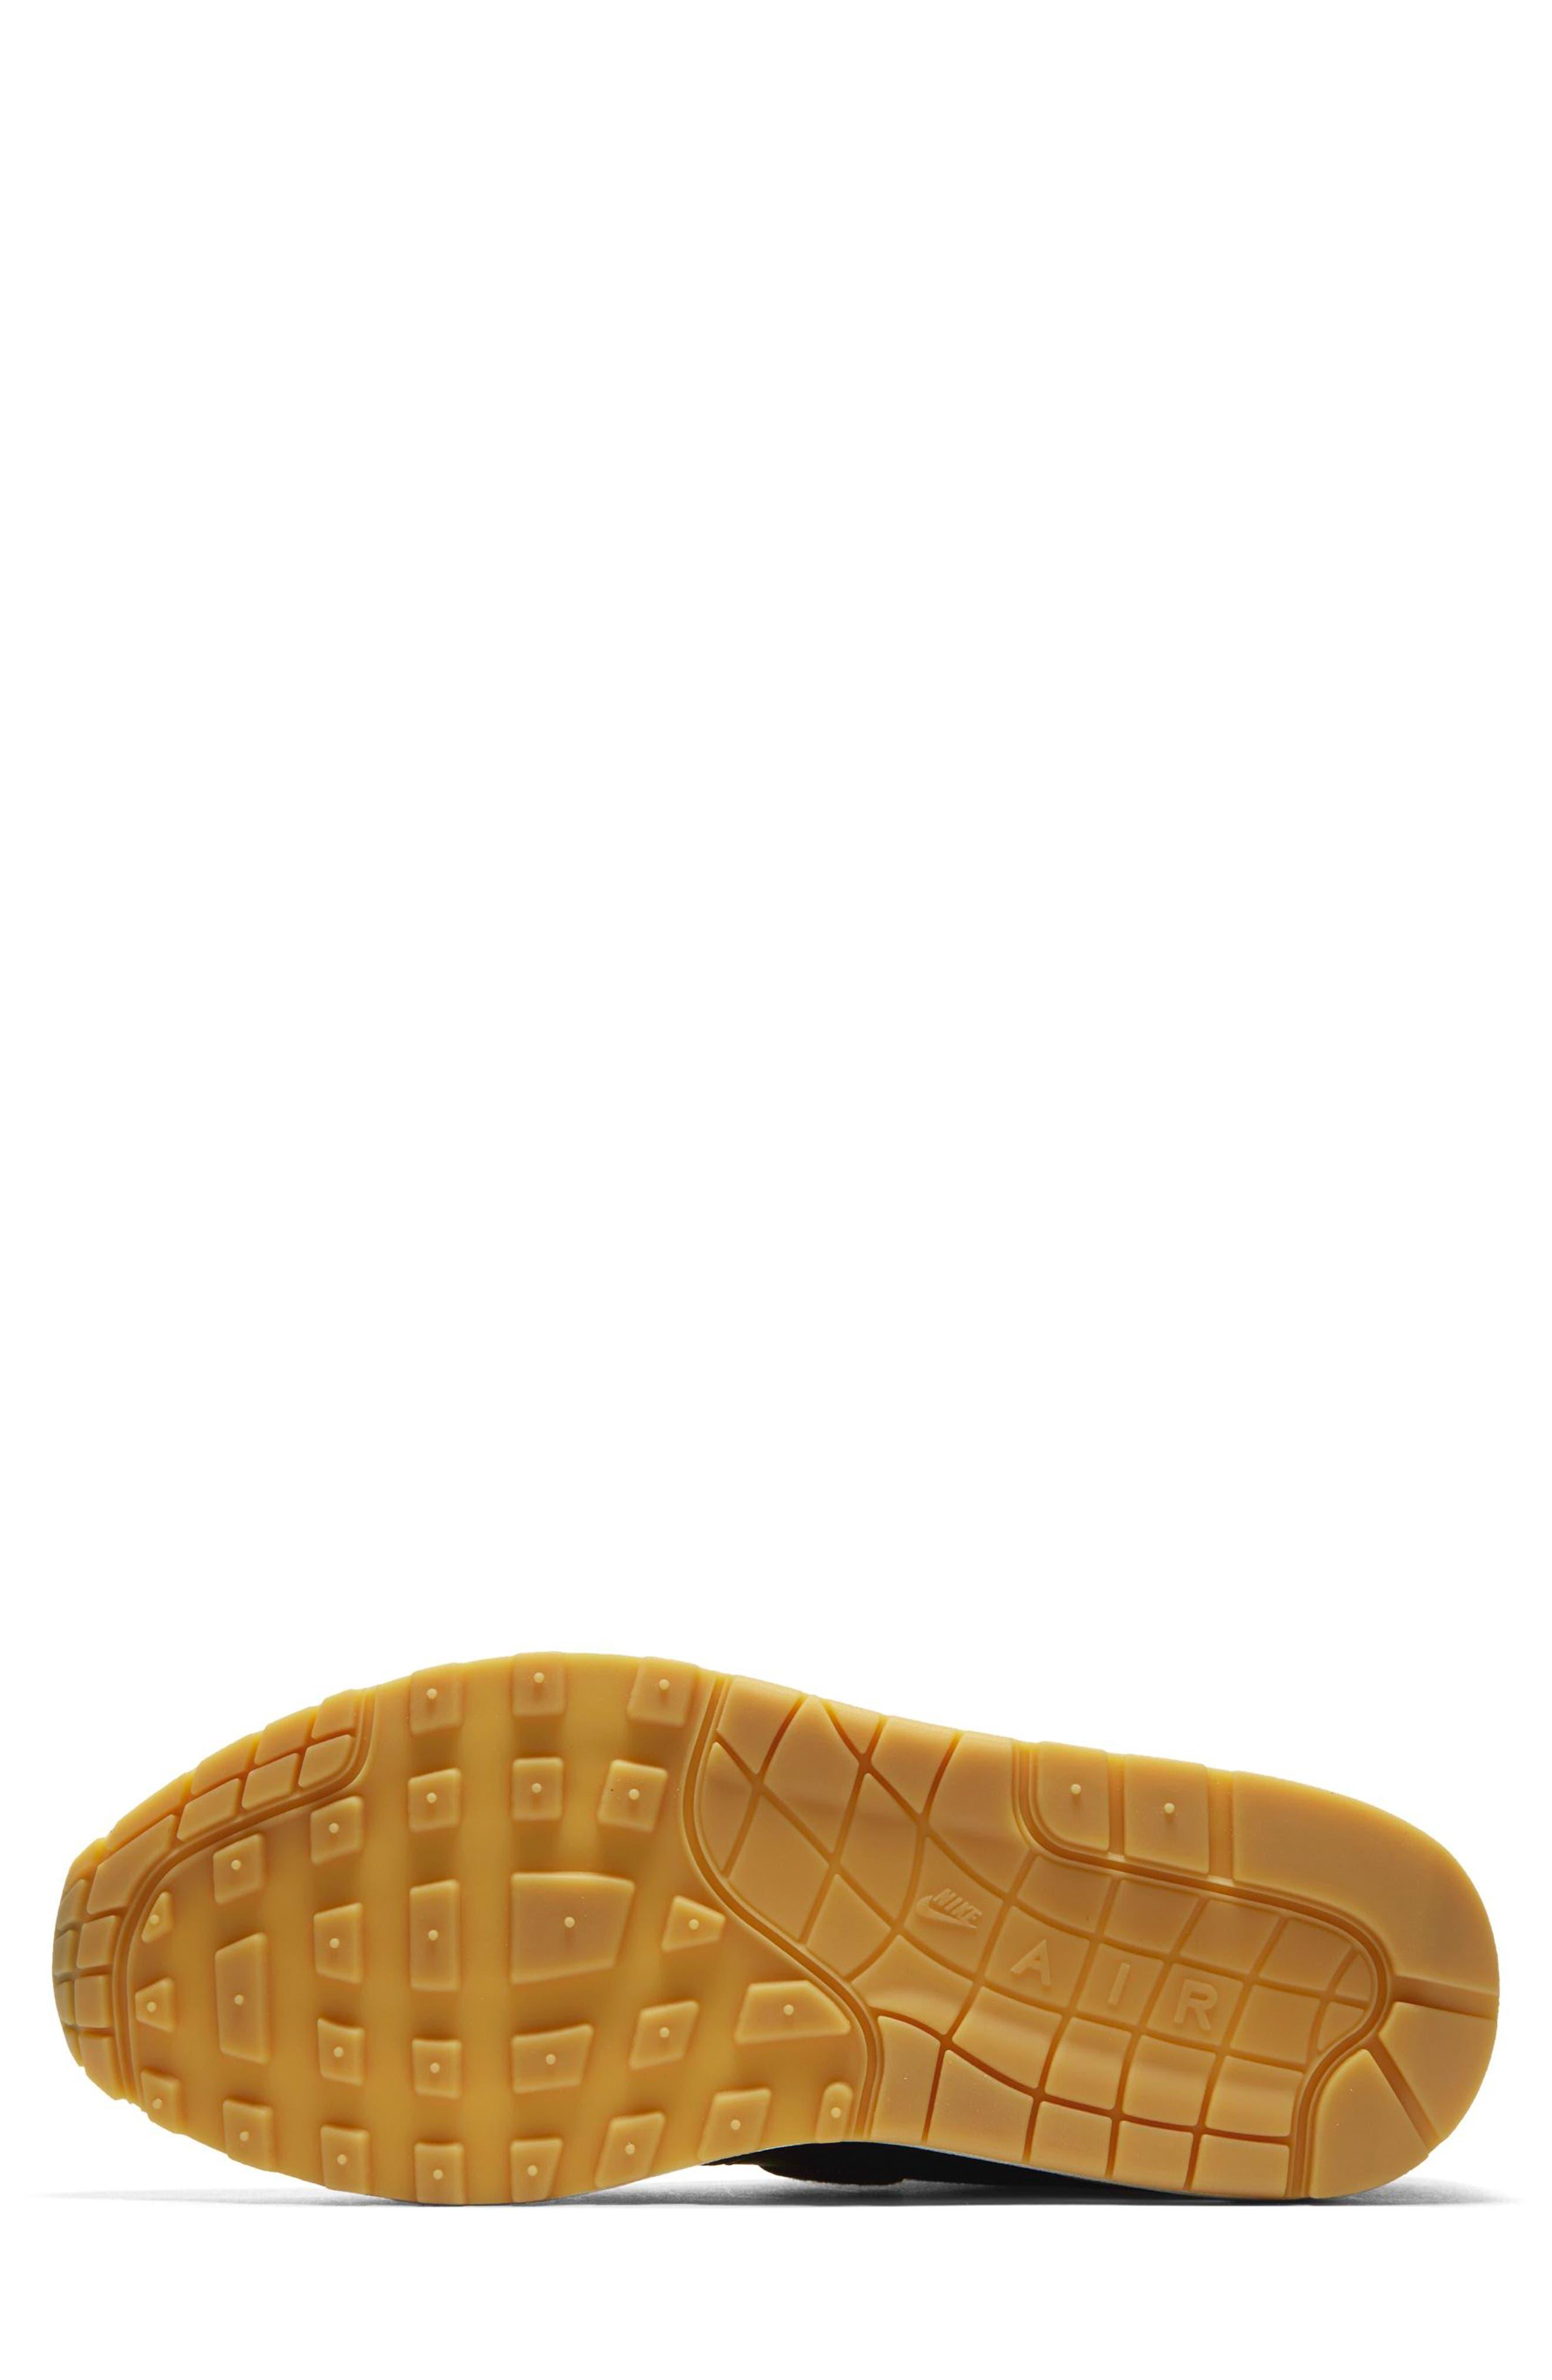 Air Max 1 Premium Sneaker,                             Alternate thumbnail 5, color,                             GREY